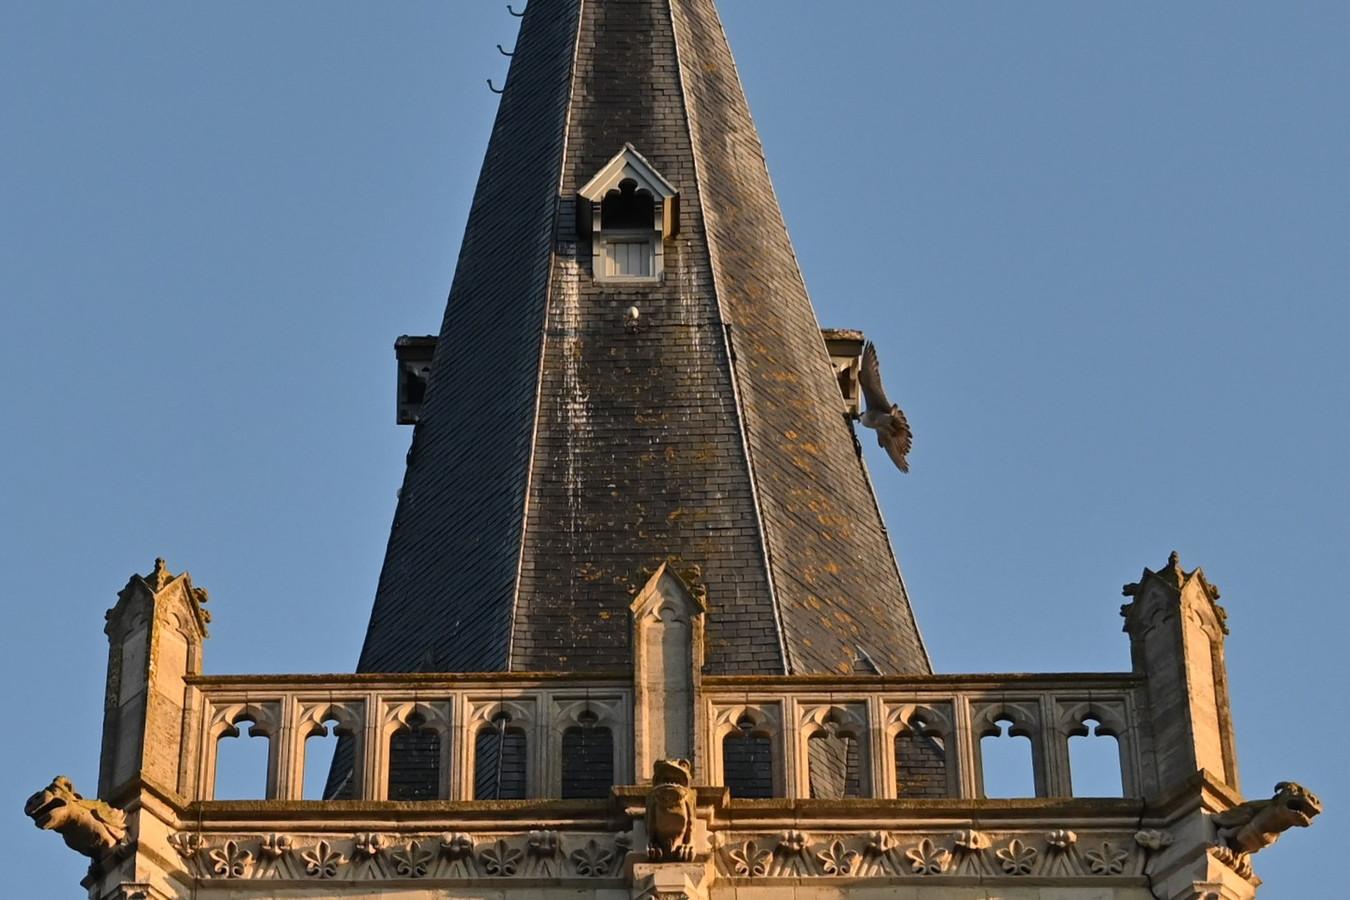 Aandachtige kijkers kunnen de slechtvalken geregeld zien vertrekken en aankomen in de kerktoren van de Sint-Martinuskerk op het dorp van Lede.